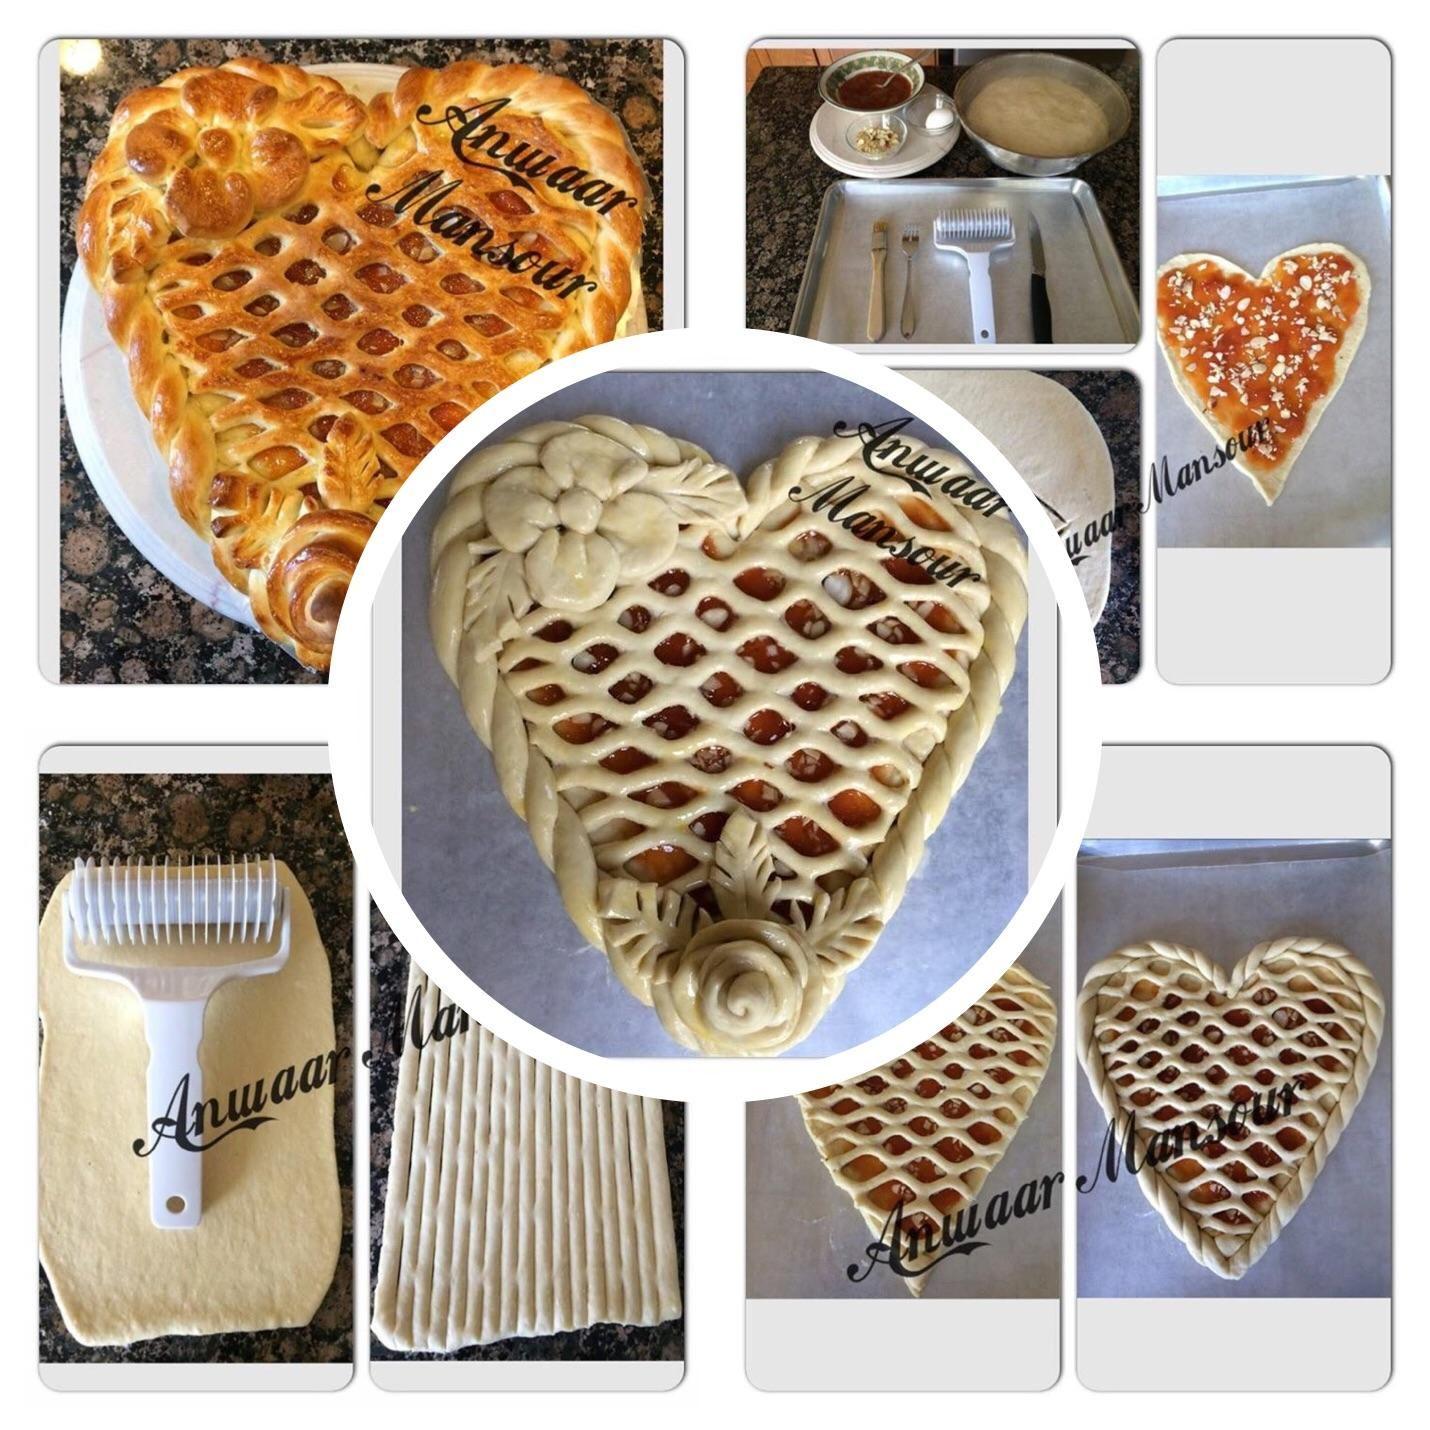 طريقة عمل معجنات مربى المشمش زاكي Breakfast Food Waffles